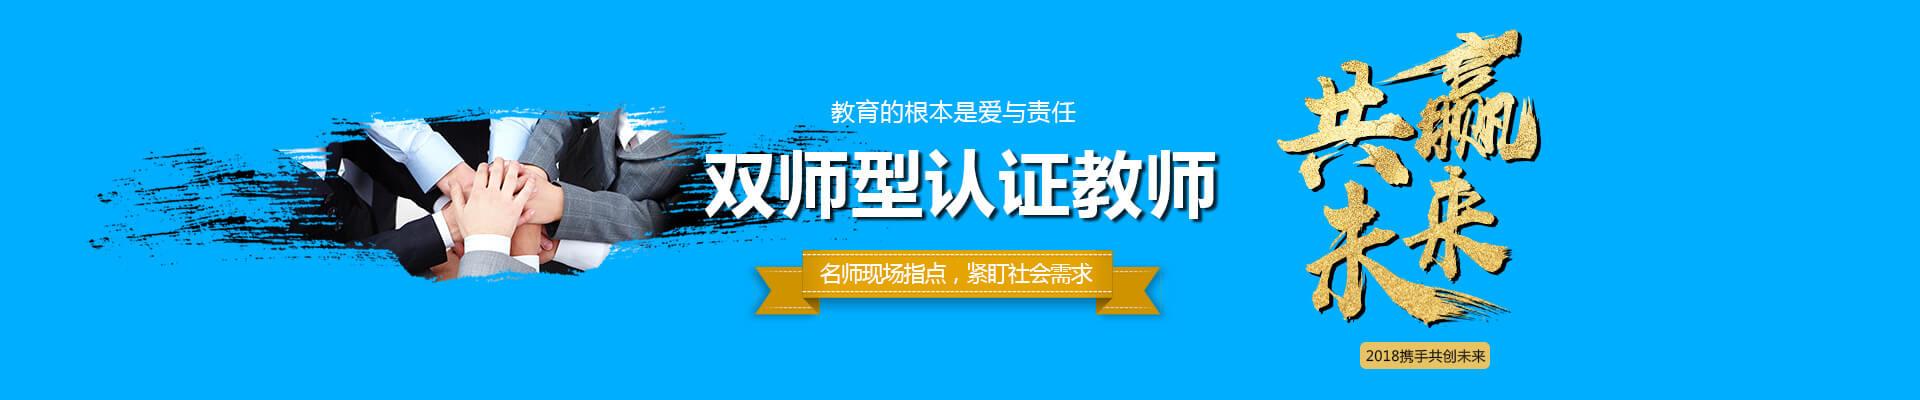 万通汽车教育·重庆-名师团队